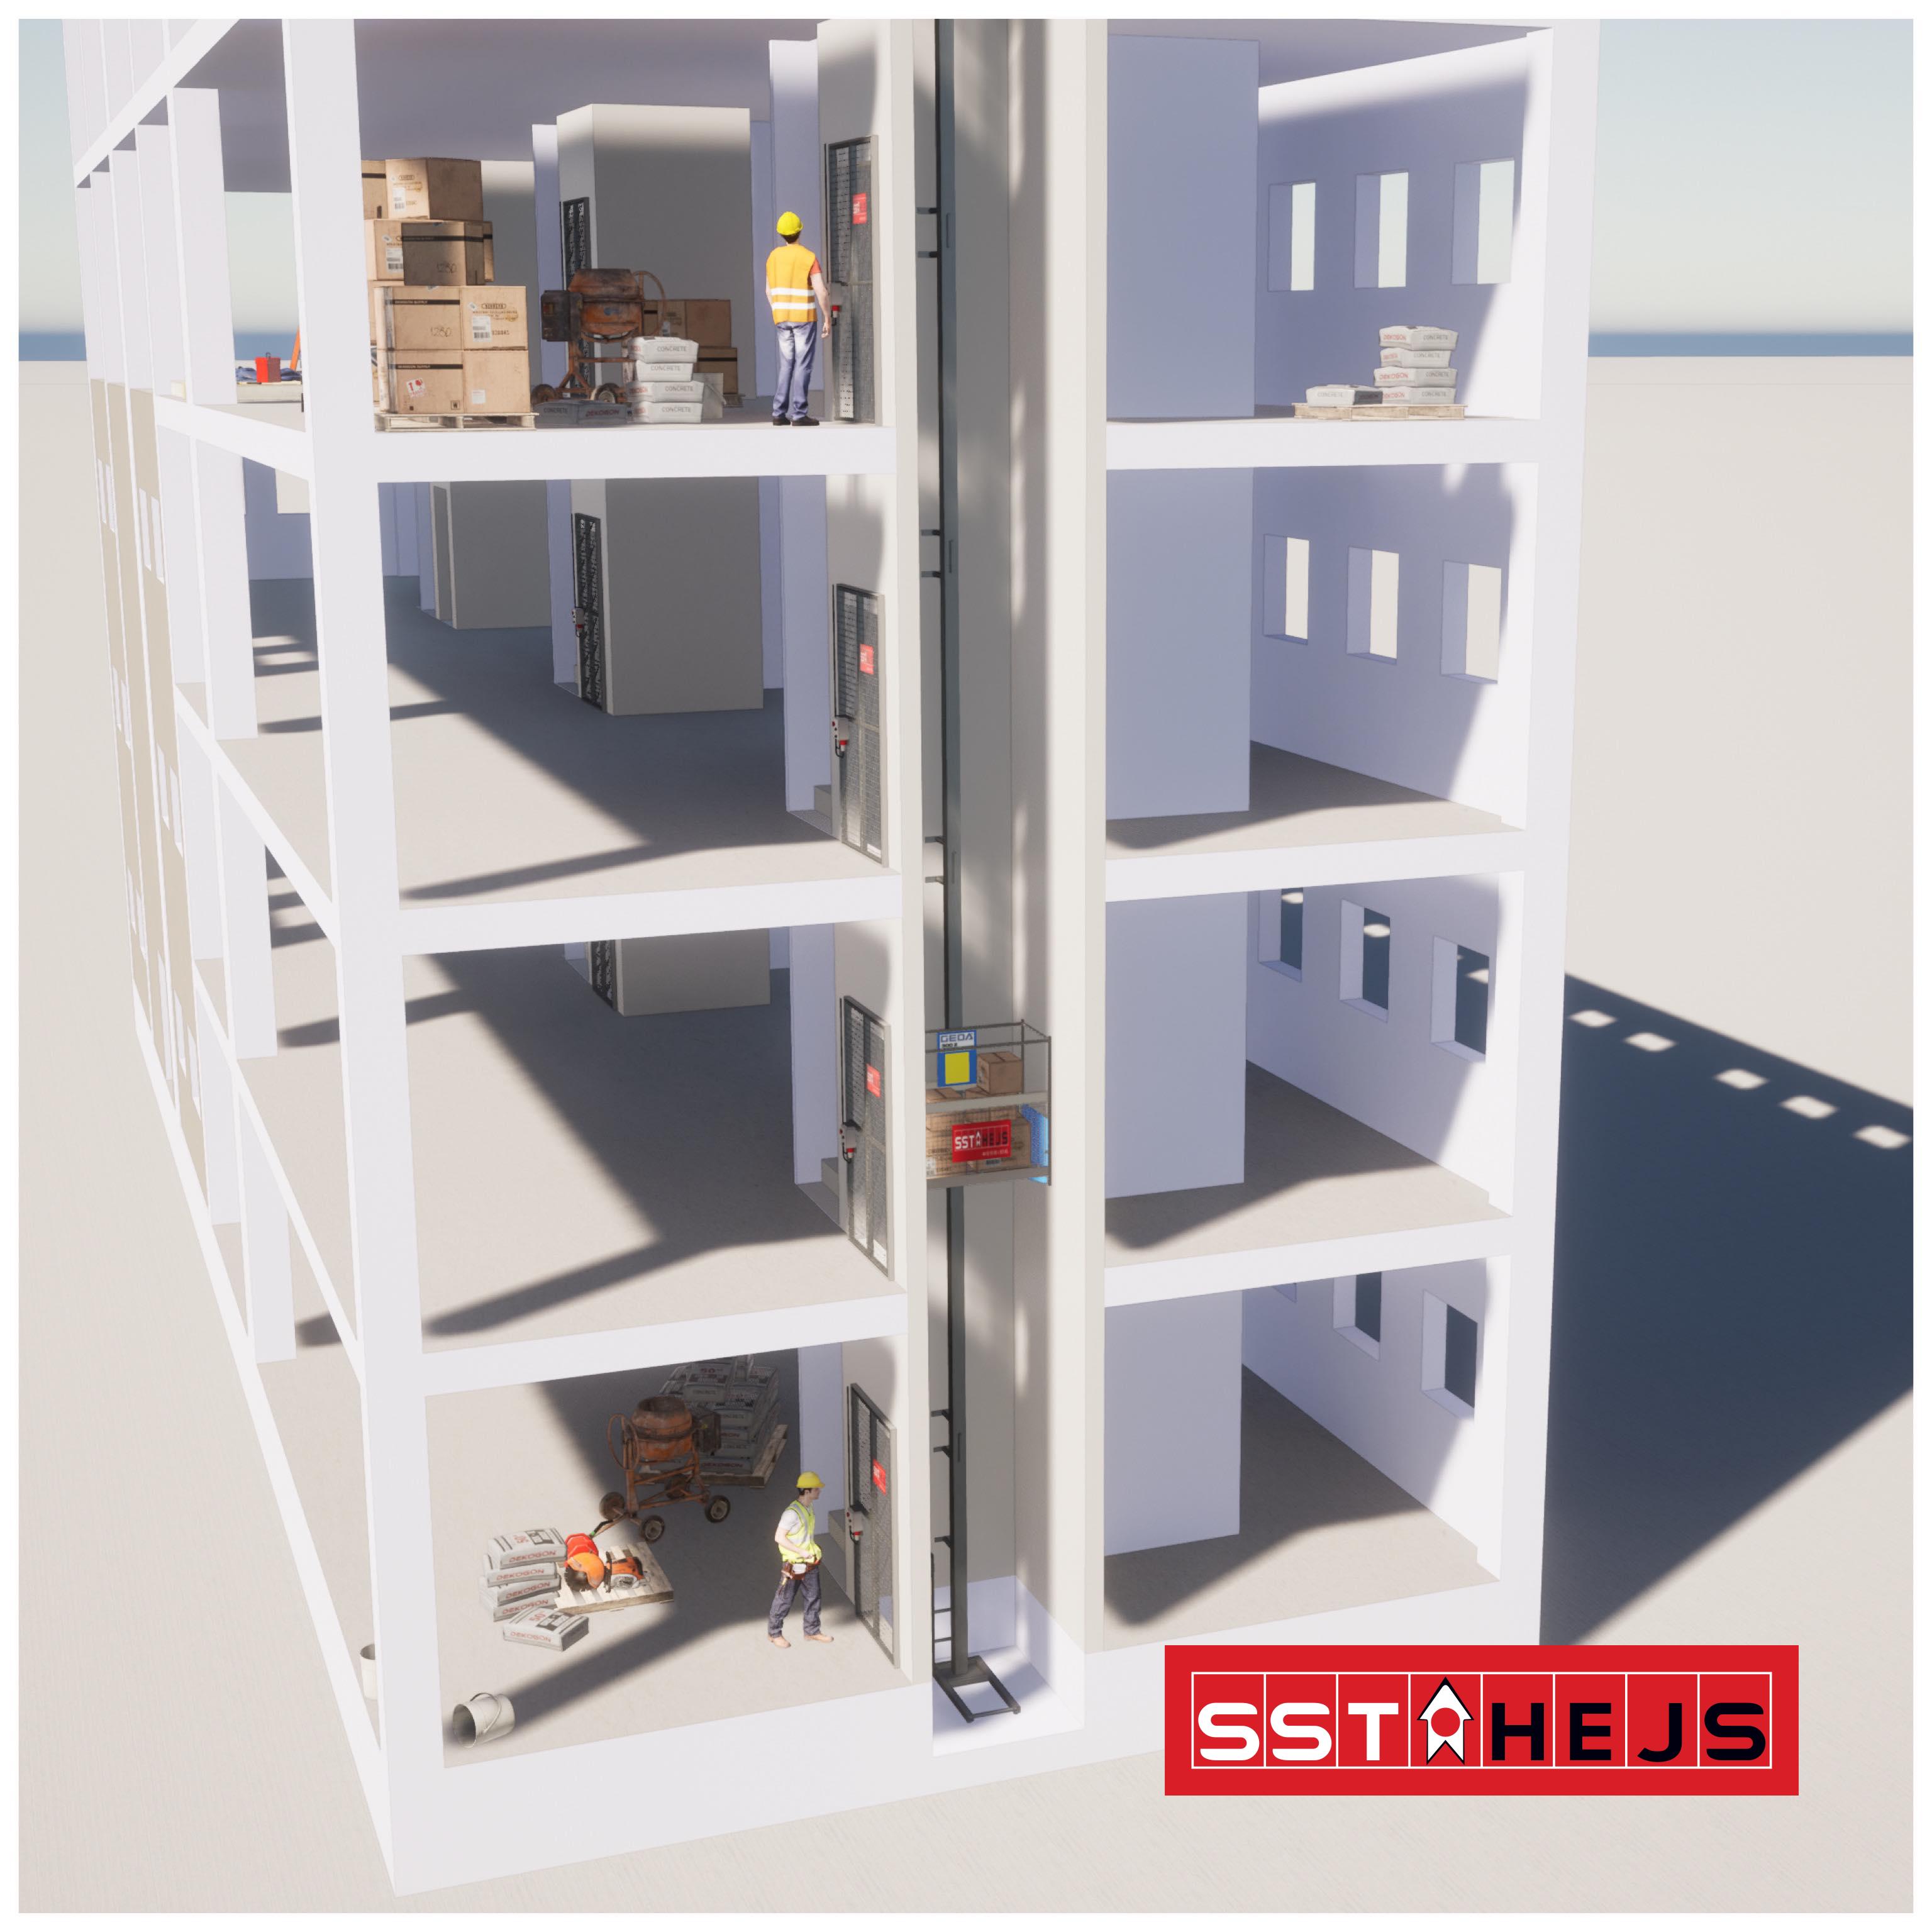 NU: Skakthejs i 3D